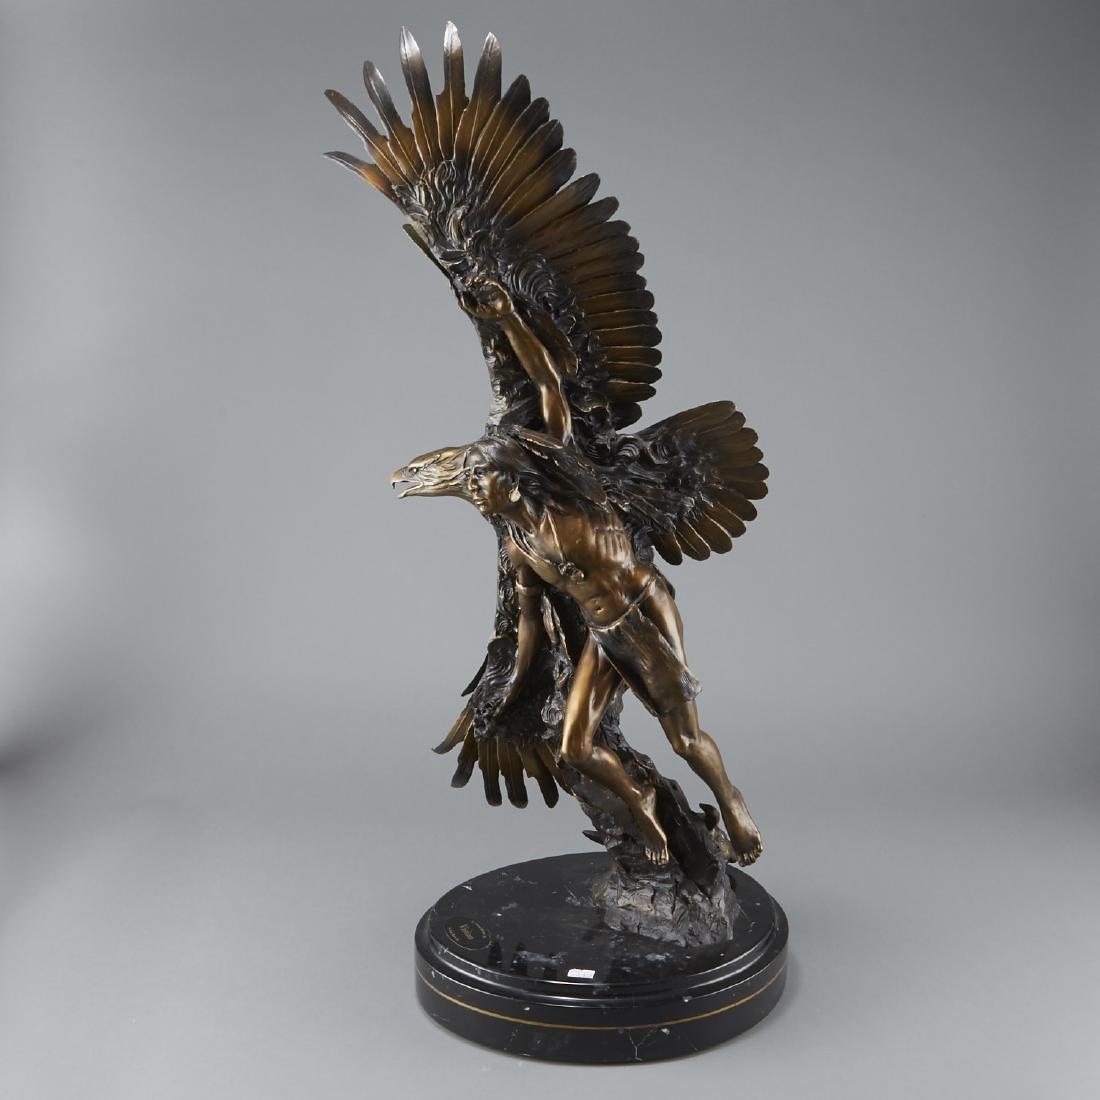 Susan Kliewer and Ken Rowe Bronze Sculpture